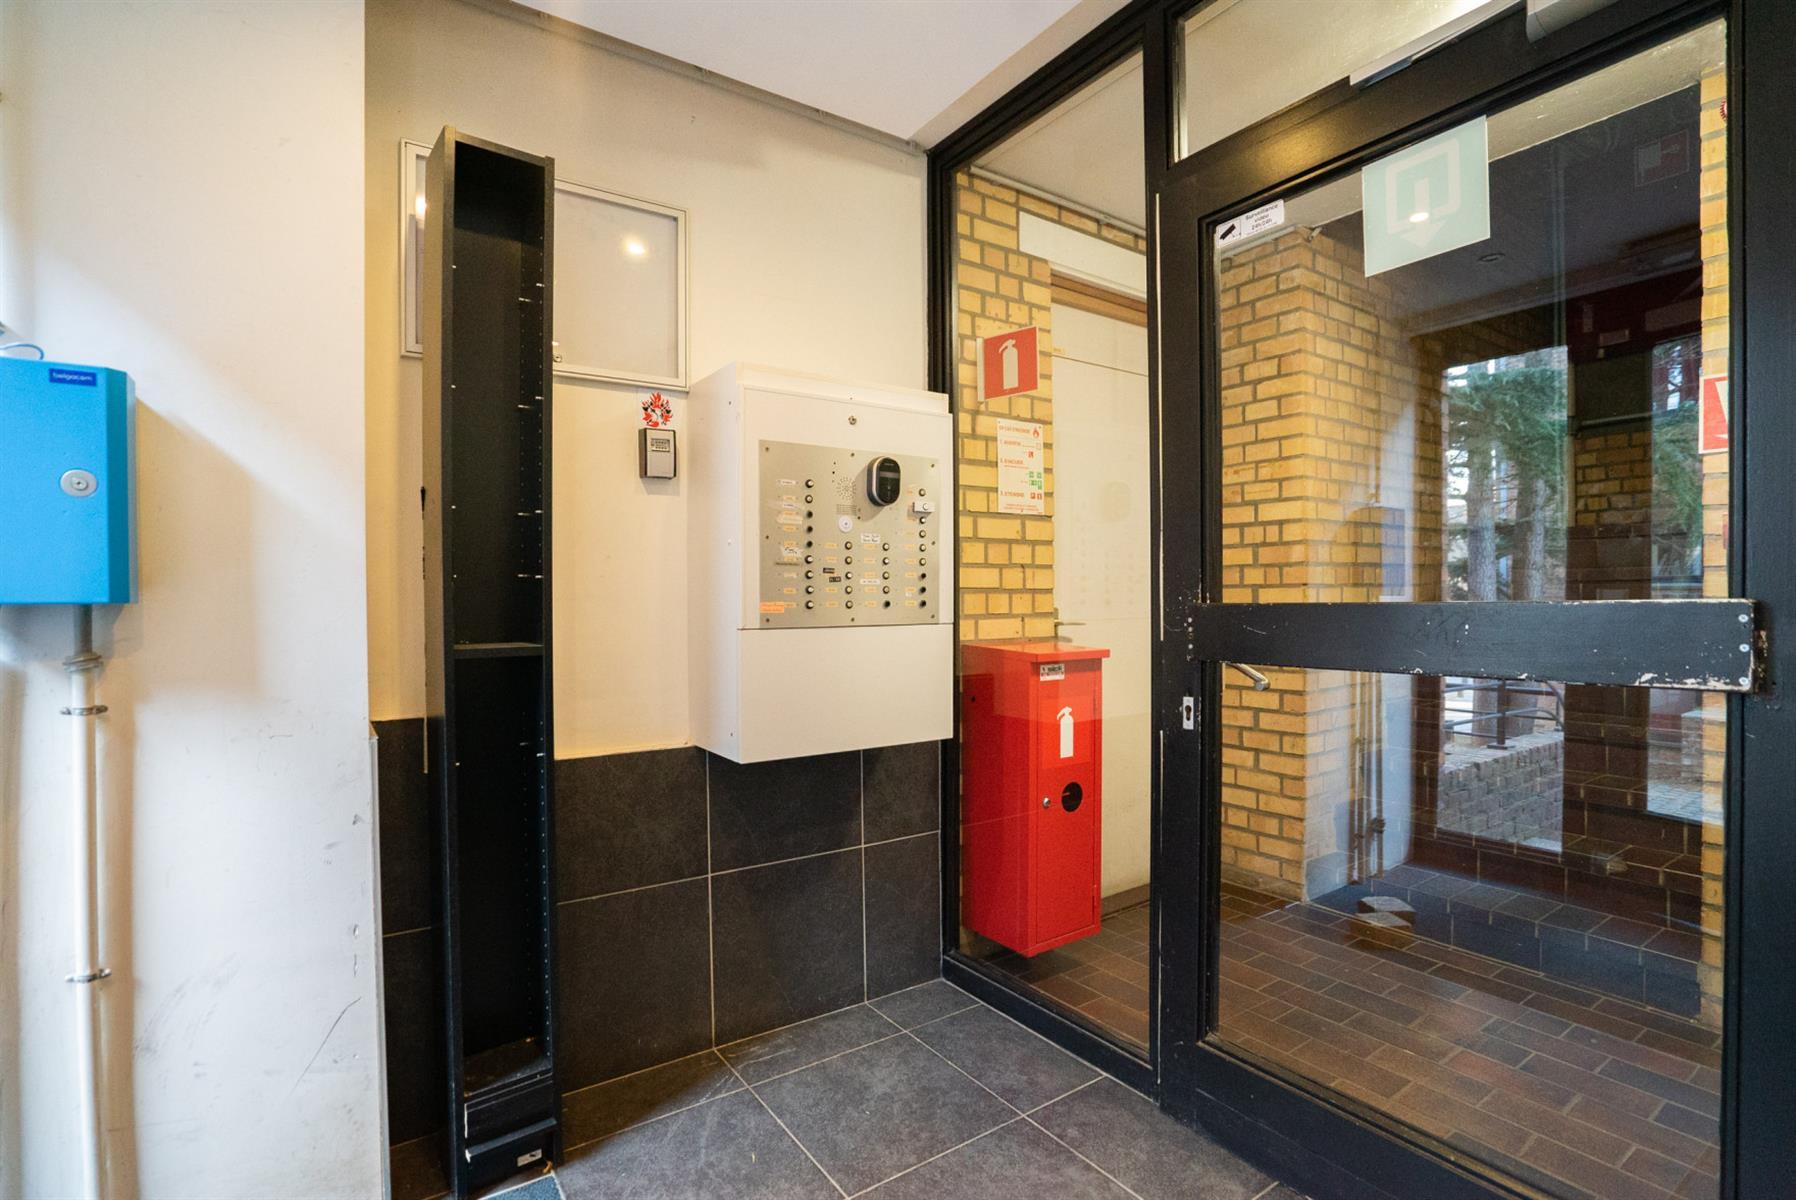 Appartement - Ottignies-Louvain-la-Neuve Louvain-la-Neuve - #4208592-16